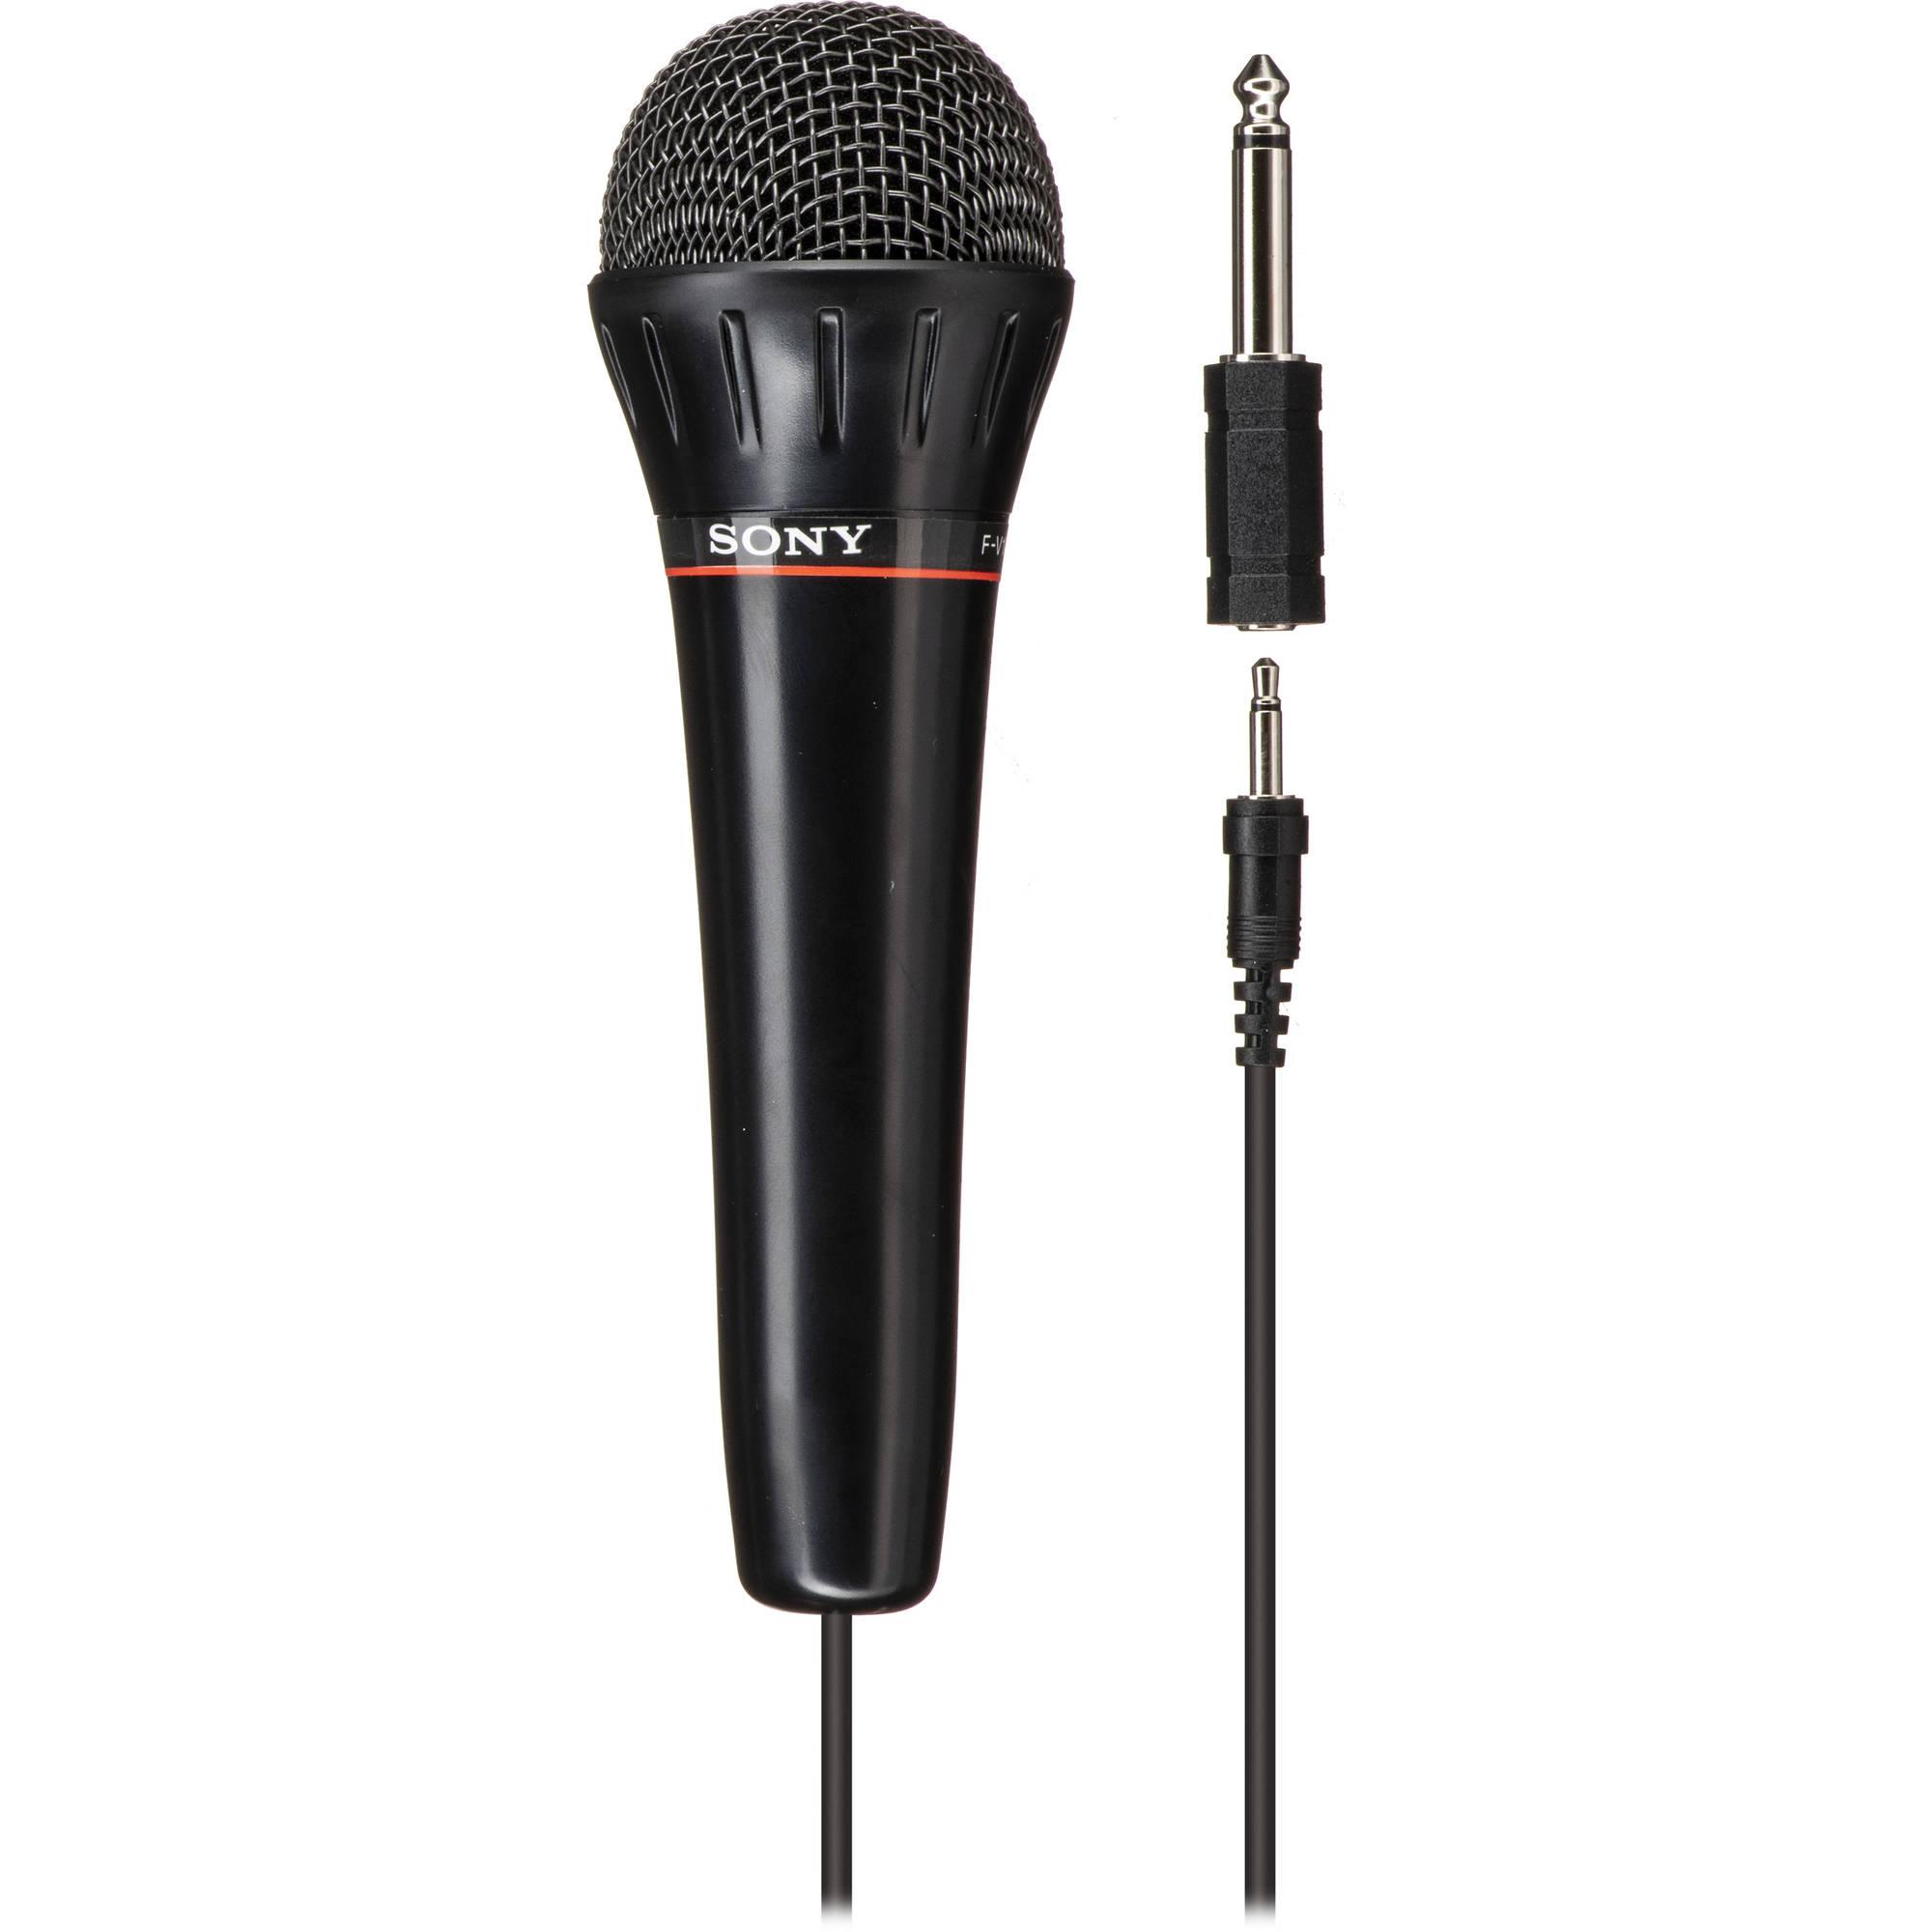 sony fv 100 omnidirectional dynamic vocal microphone fv100 b h. Black Bedroom Furniture Sets. Home Design Ideas